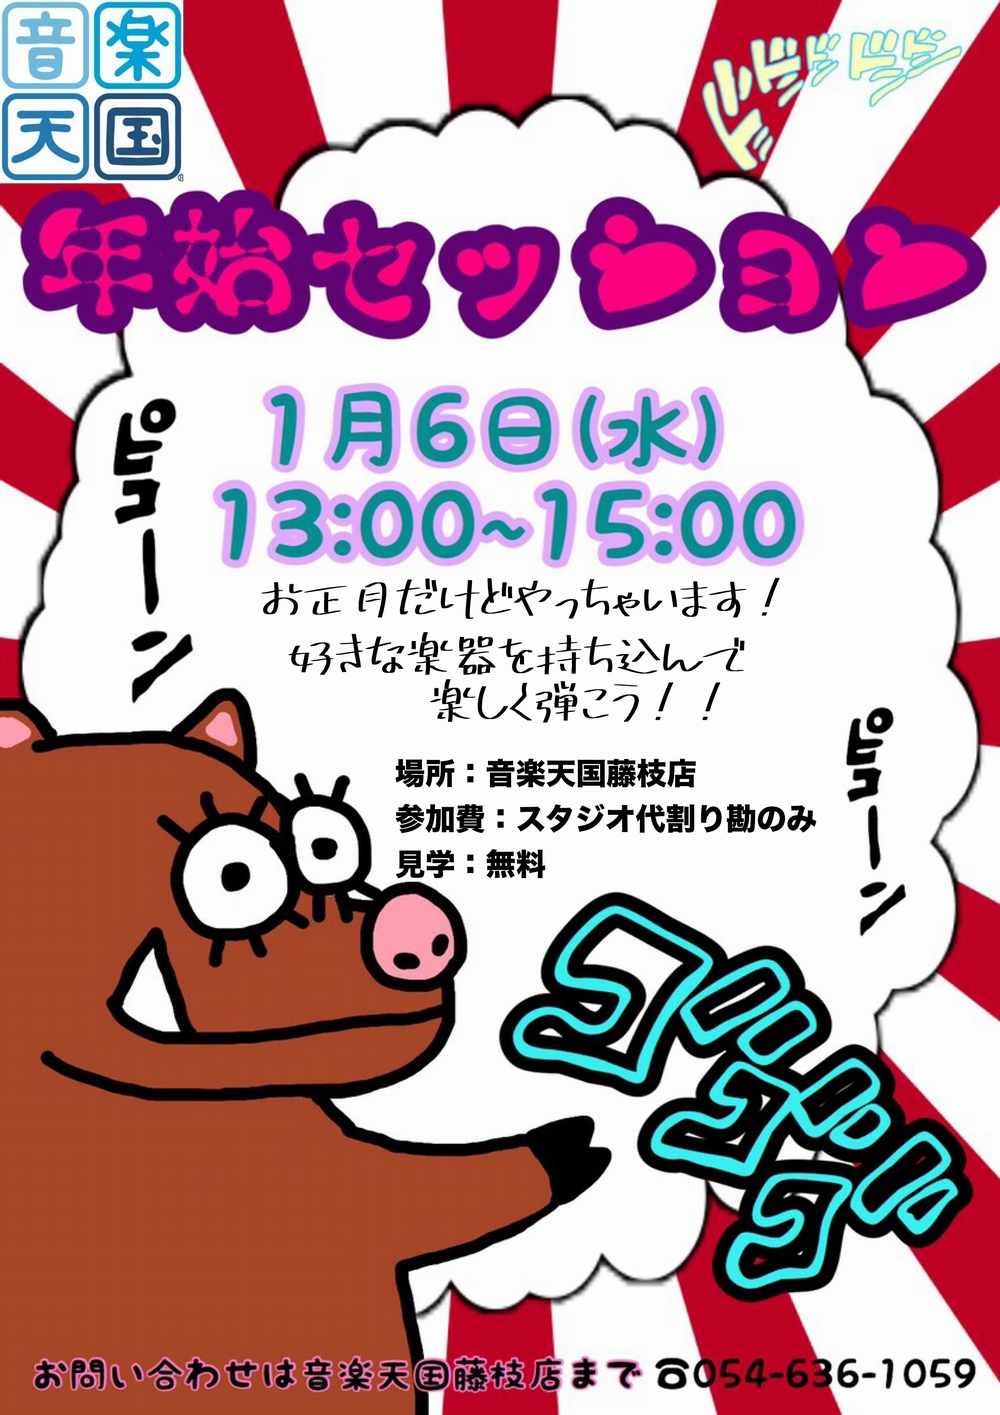 【年始・セッション天国】音楽天国・藤枝店1月6日(水)開催